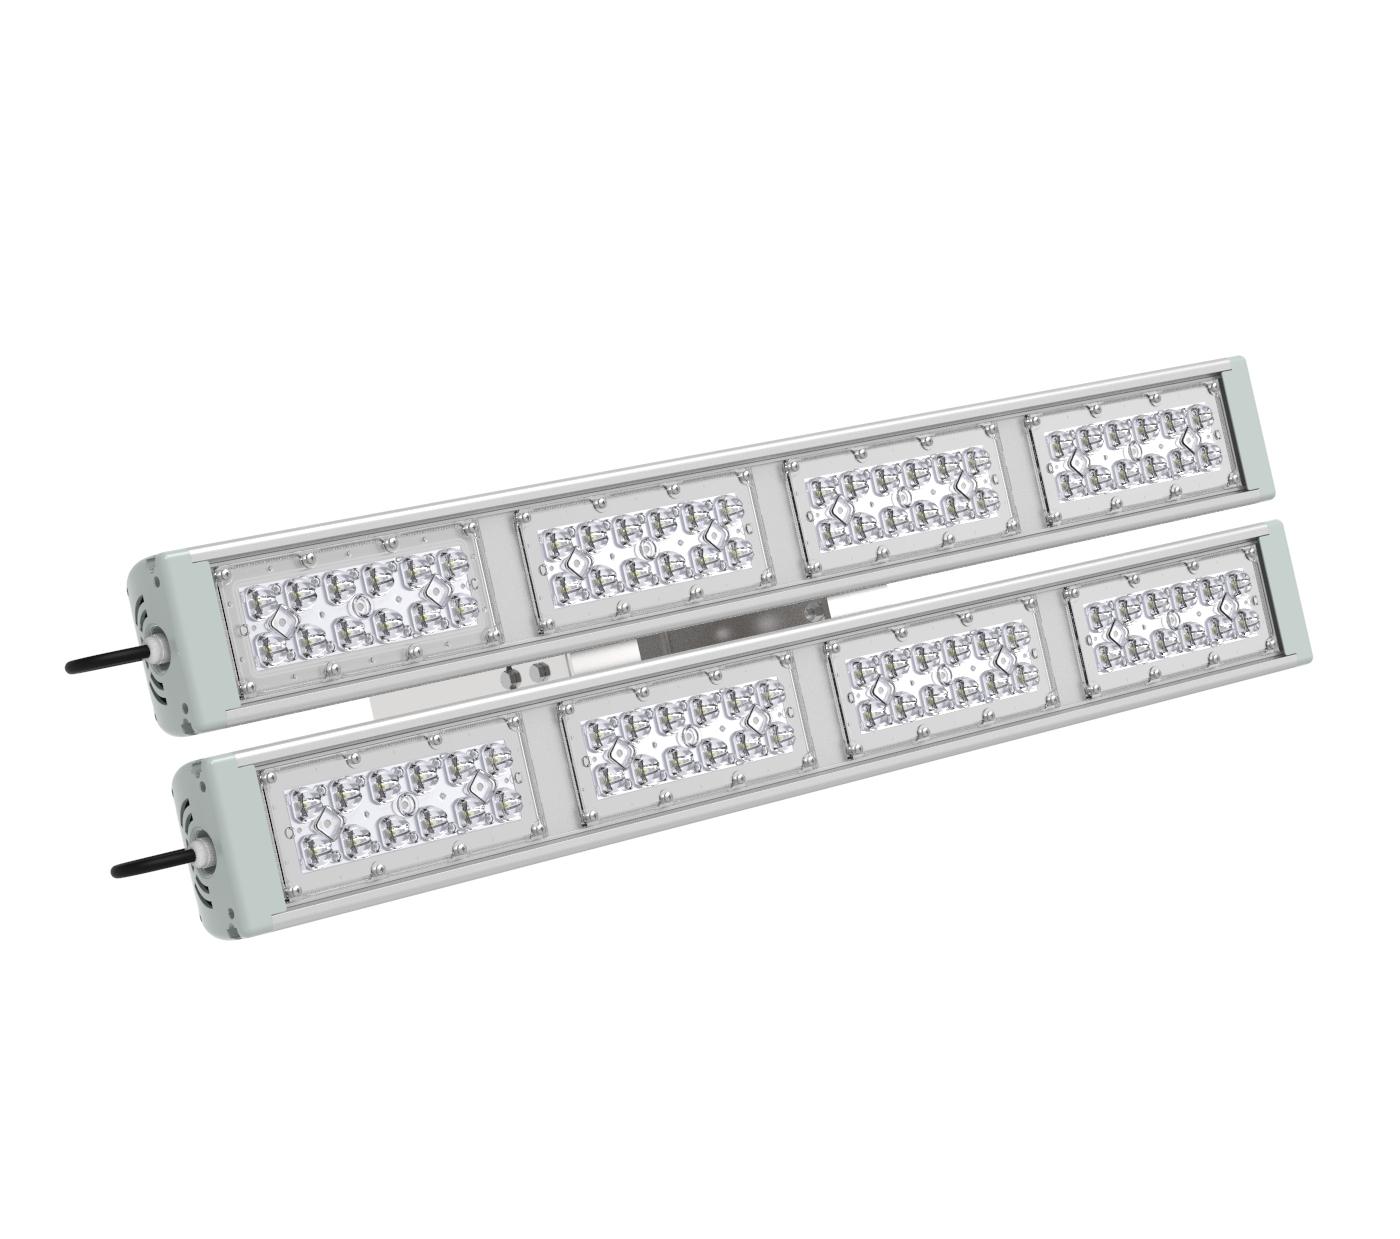 Промышленный светильник Модуль PRO SVT-STR-MPRO-102Вт-100-DUO